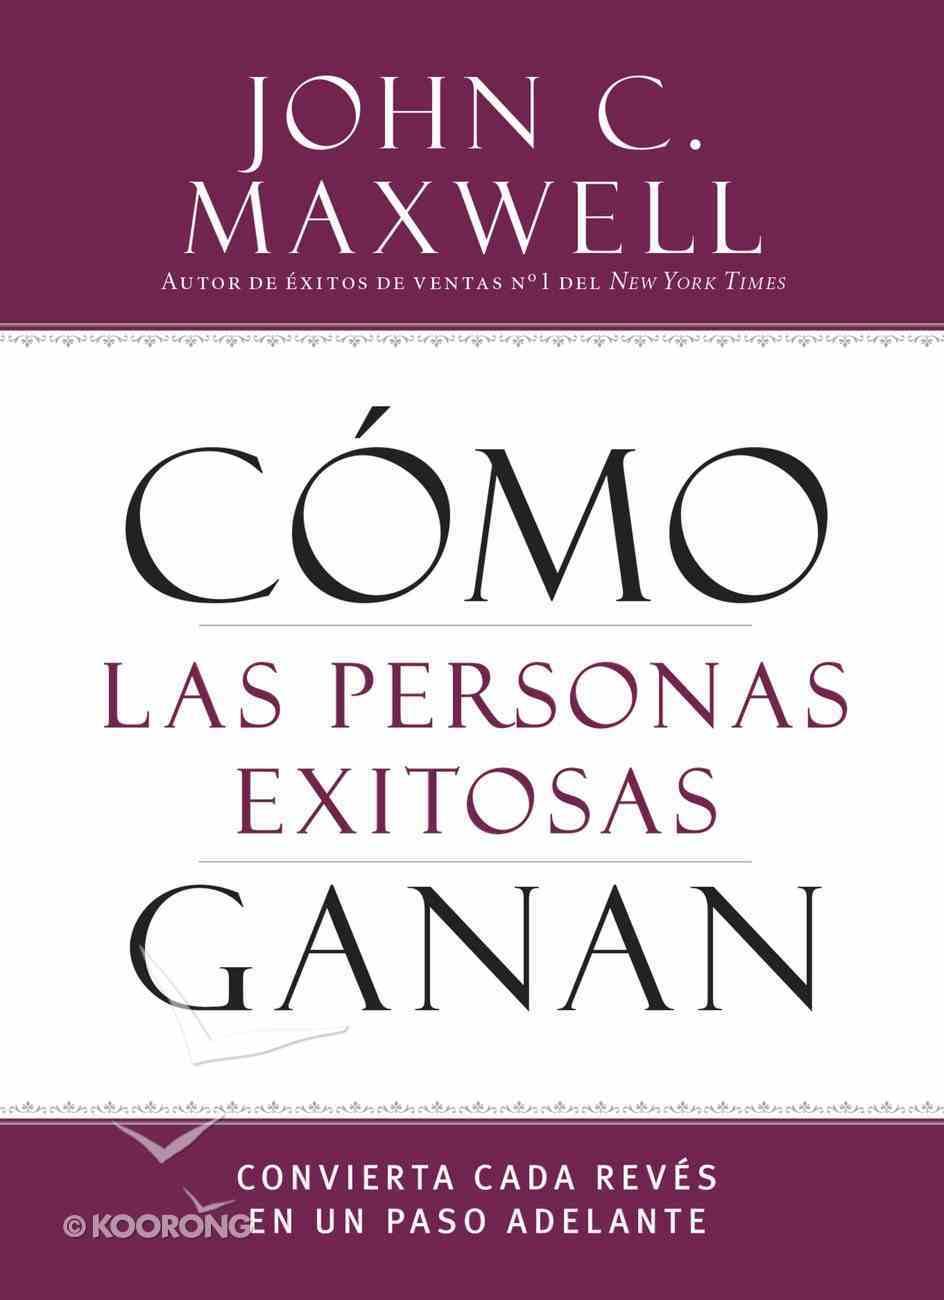 Cmo Las Personas Exitosas Ganan (How Successful People Win) eBook